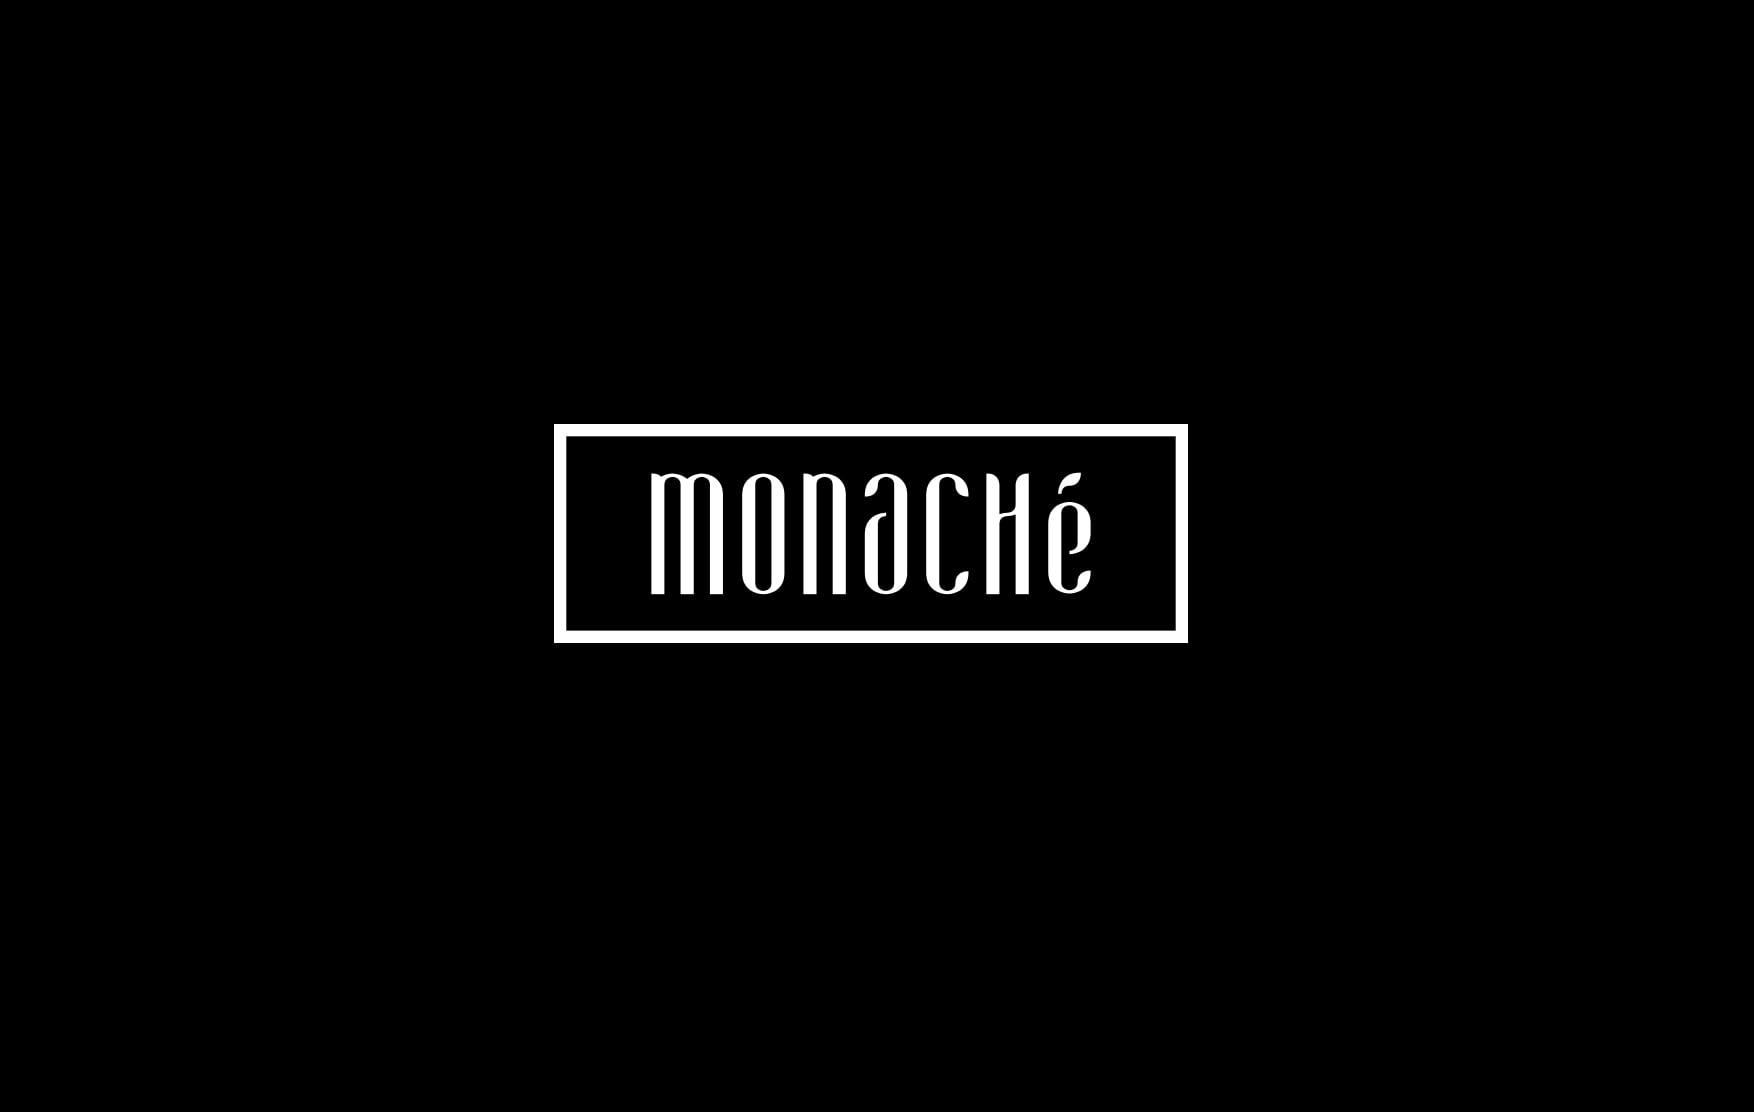 Monache